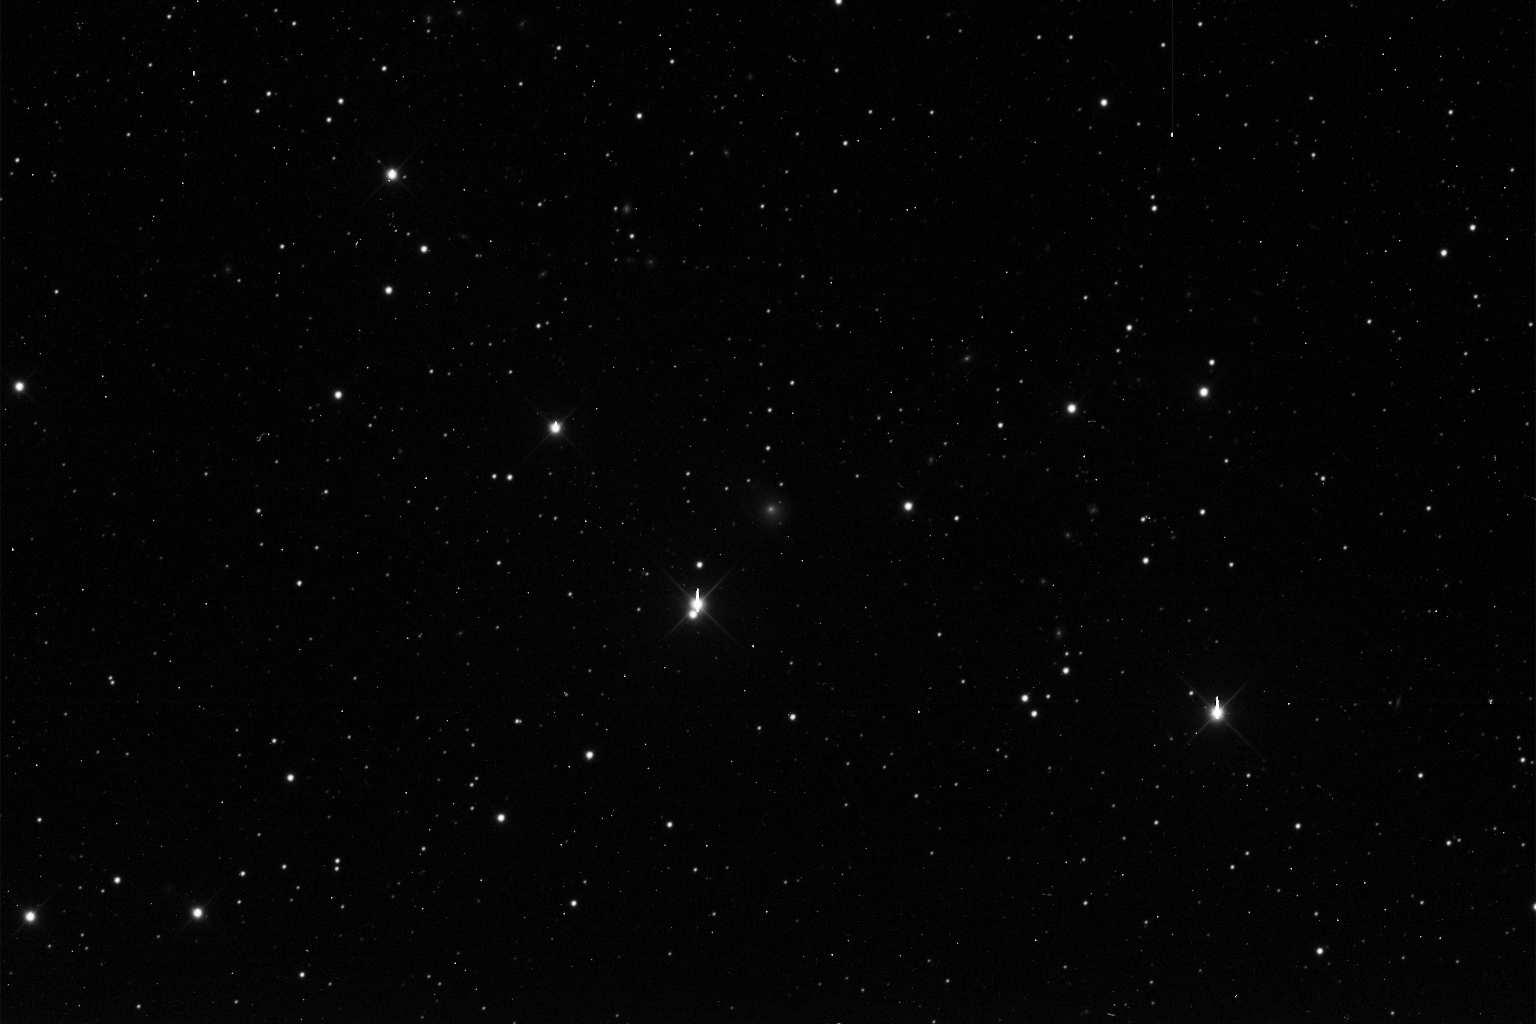 jpeg-t18-jorgend-ck17k020-20210727-230152-luminance-bin1-w-300-001